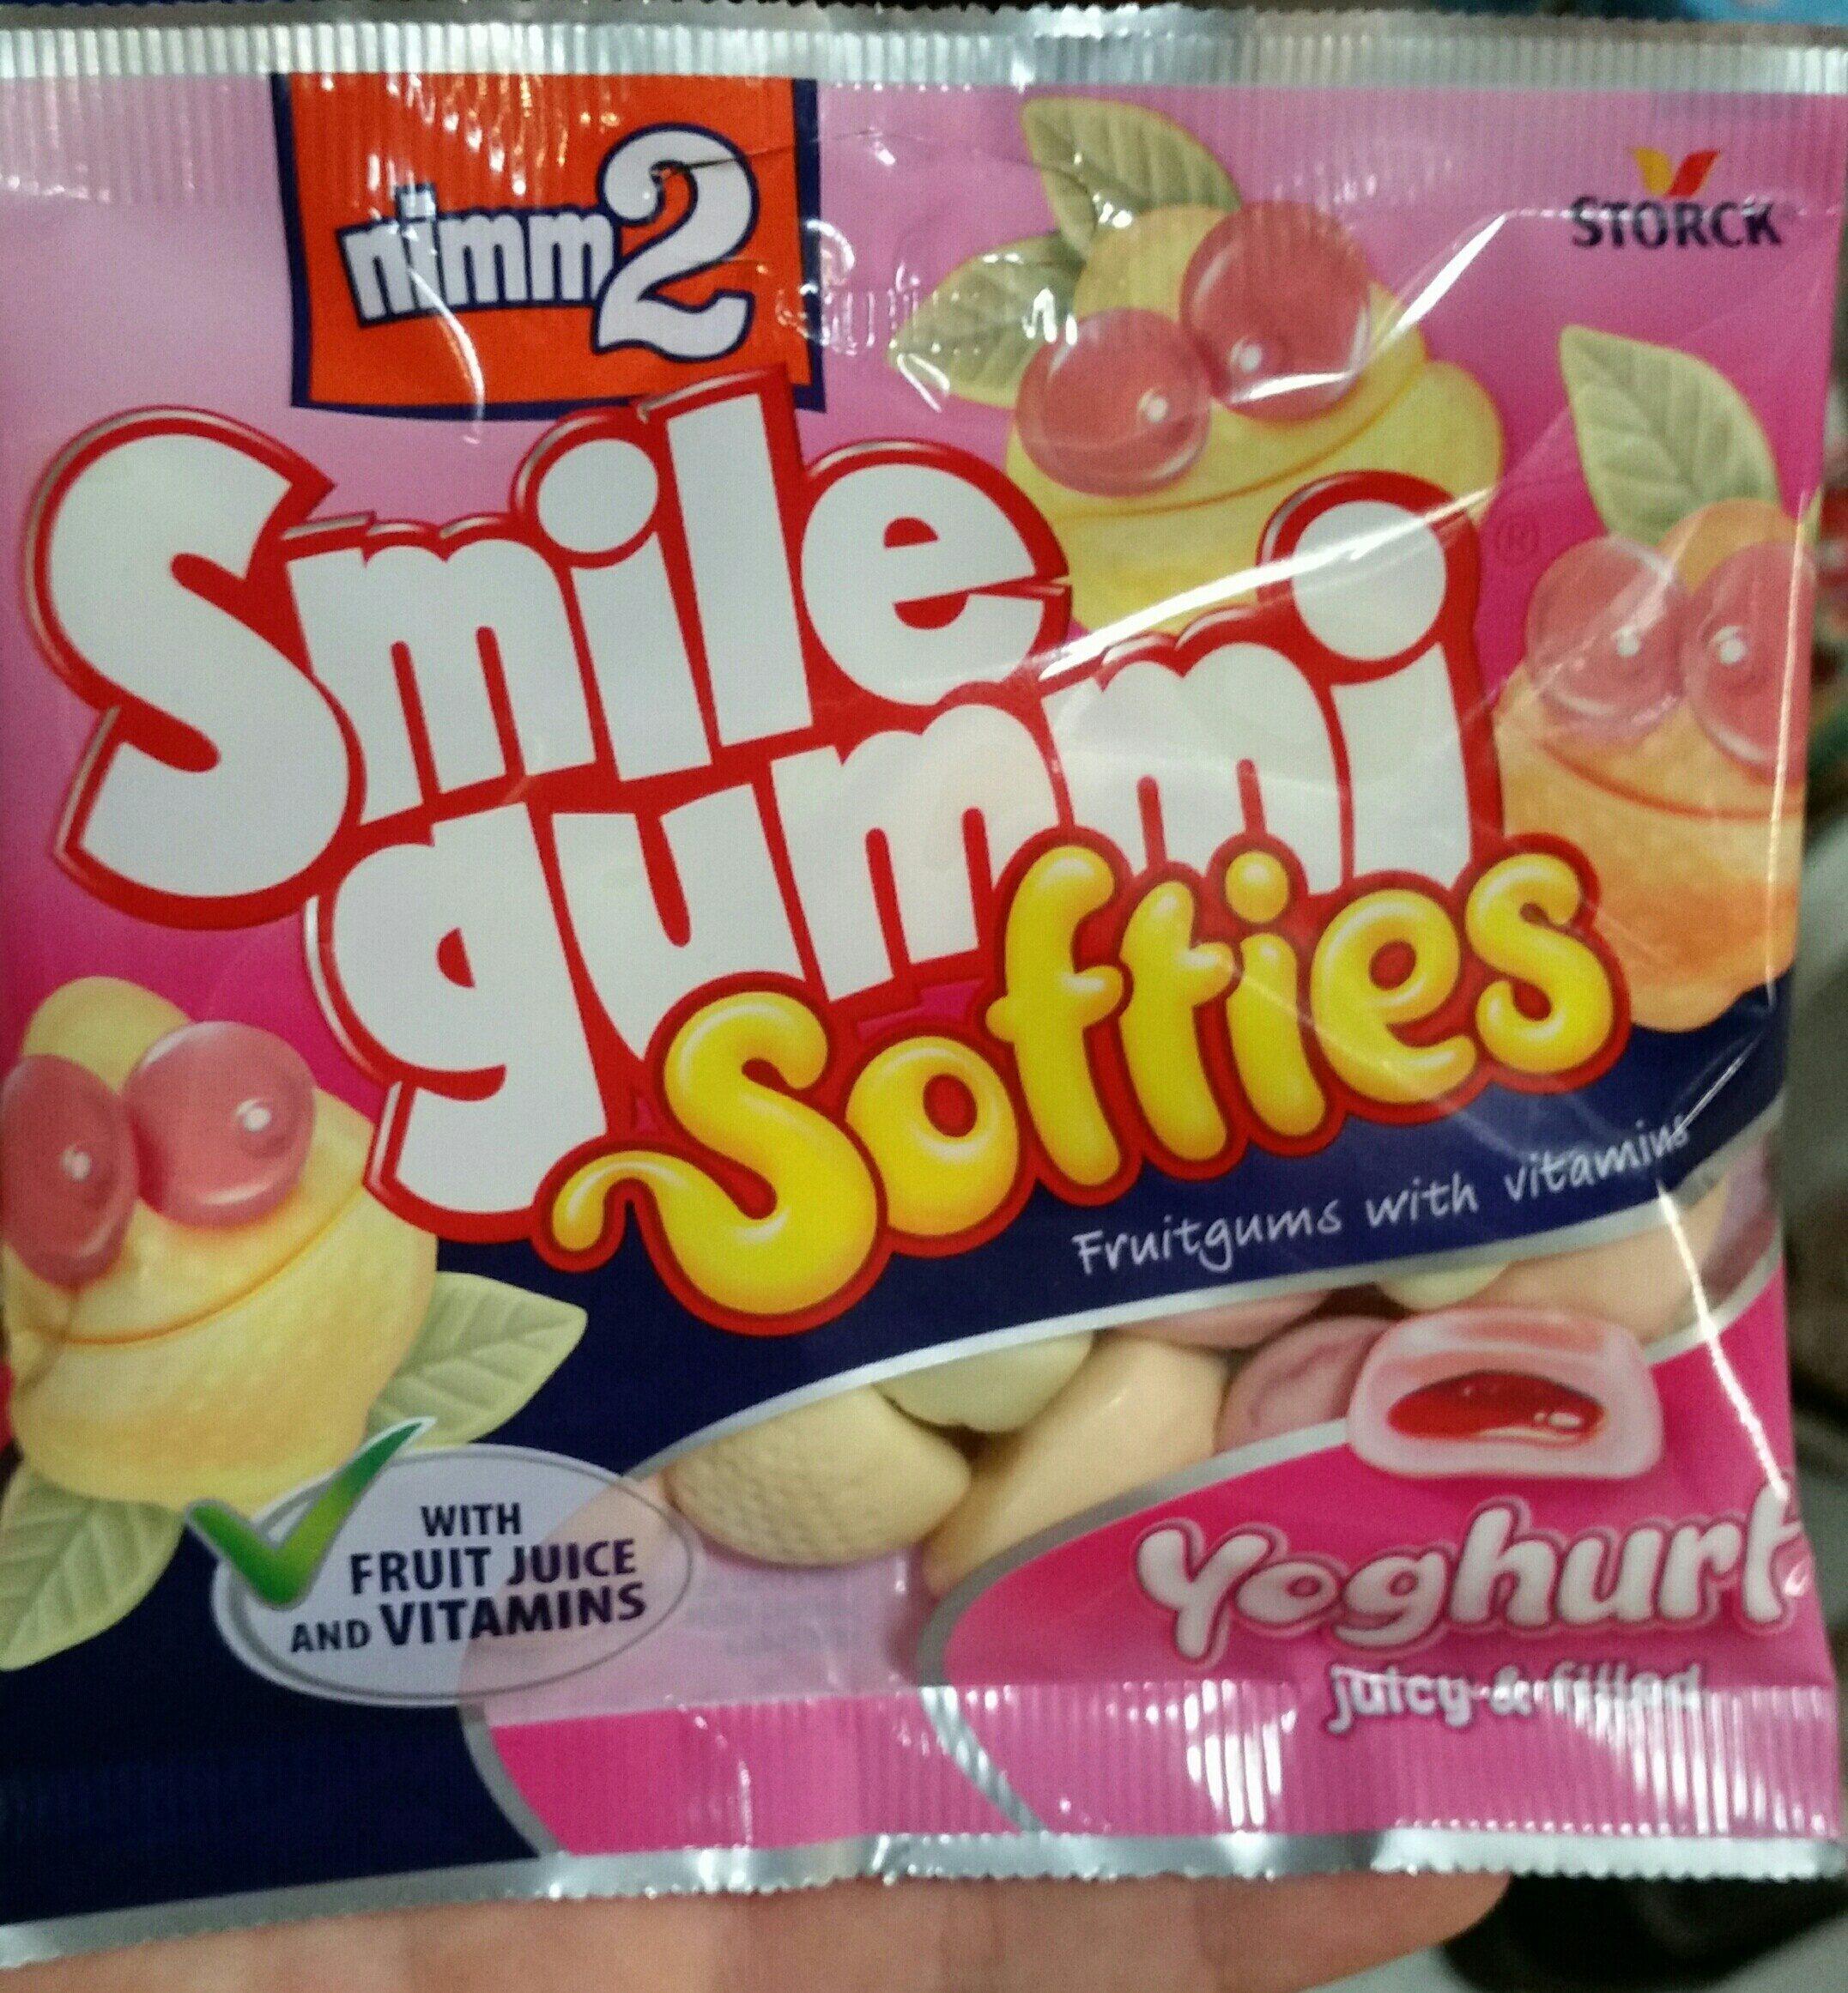 Smile gummi softies Yoghurt - Product